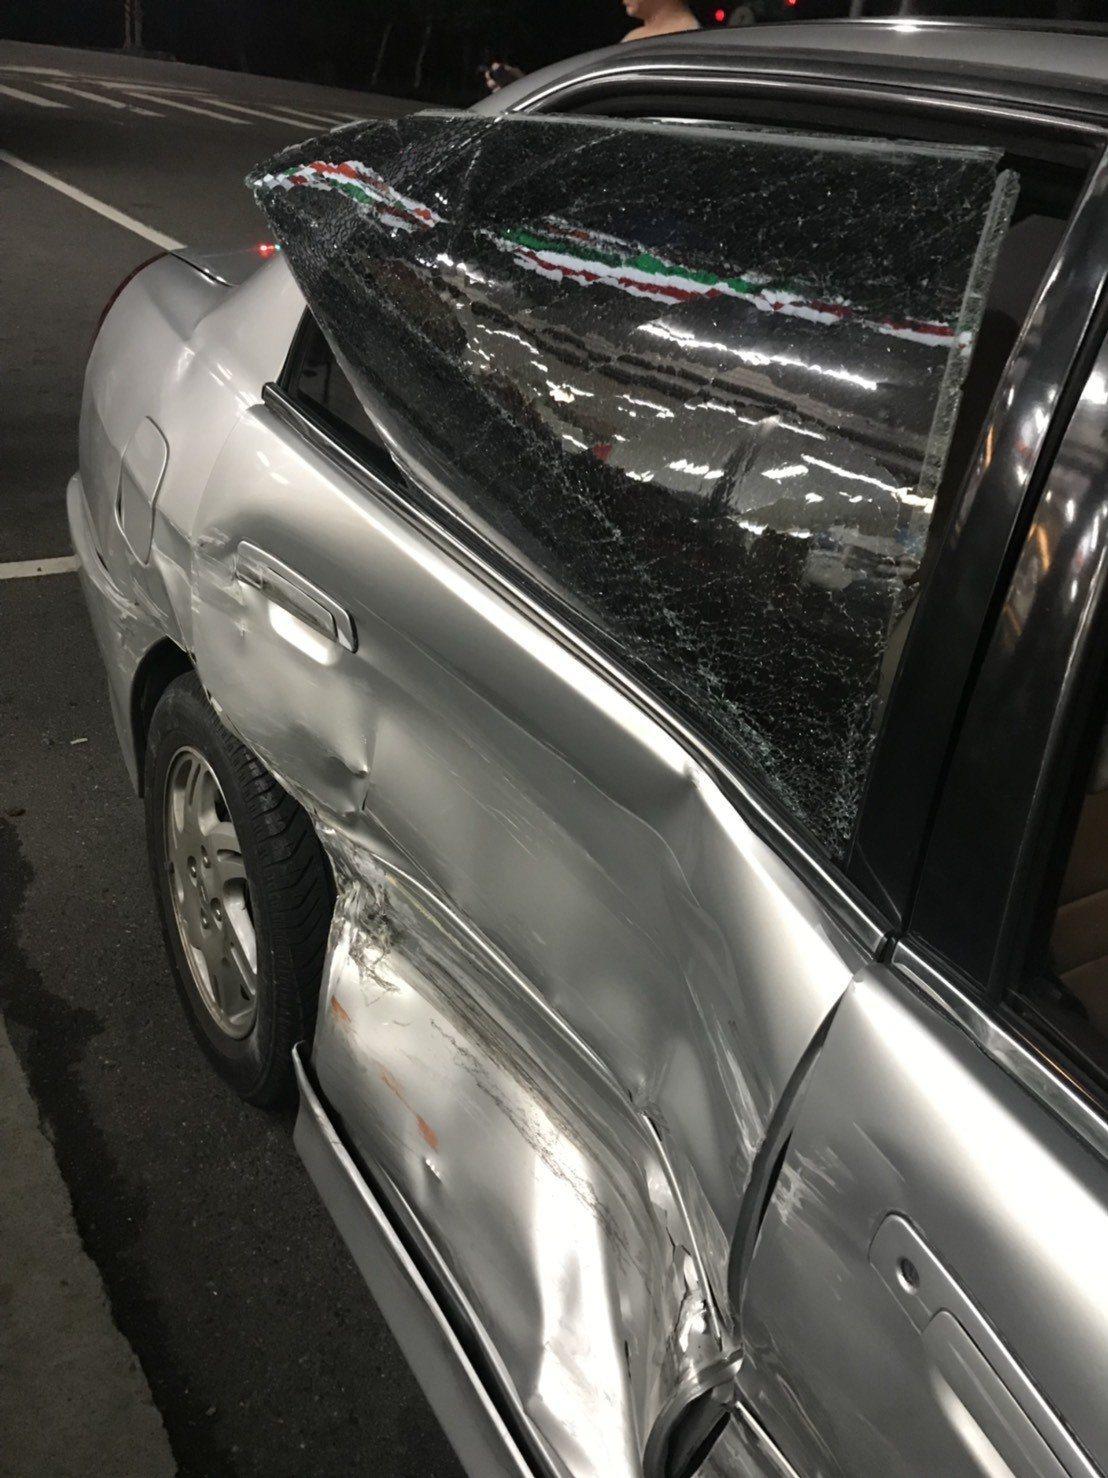 刑事局上周緝毒時誤認民眾座車是運毒集團,攔截衝撞對方造成車輛毀損。圖/當事人提供